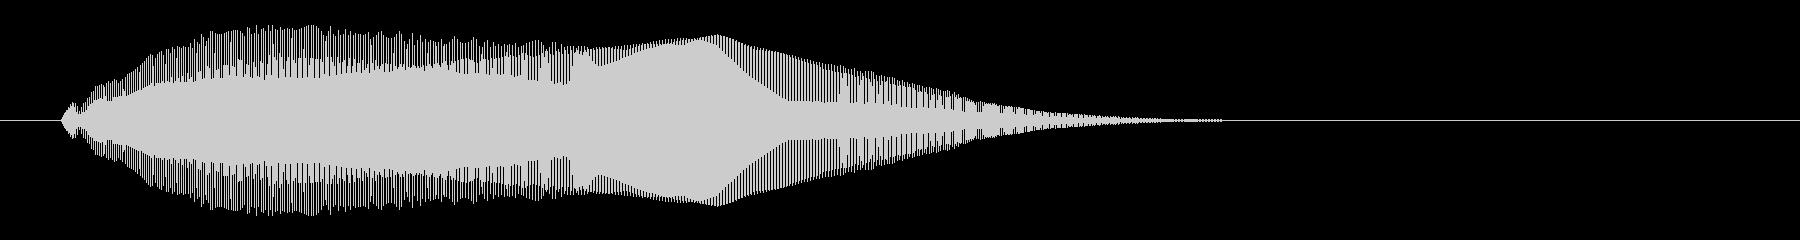 チュイッという瞬間の音の未再生の波形